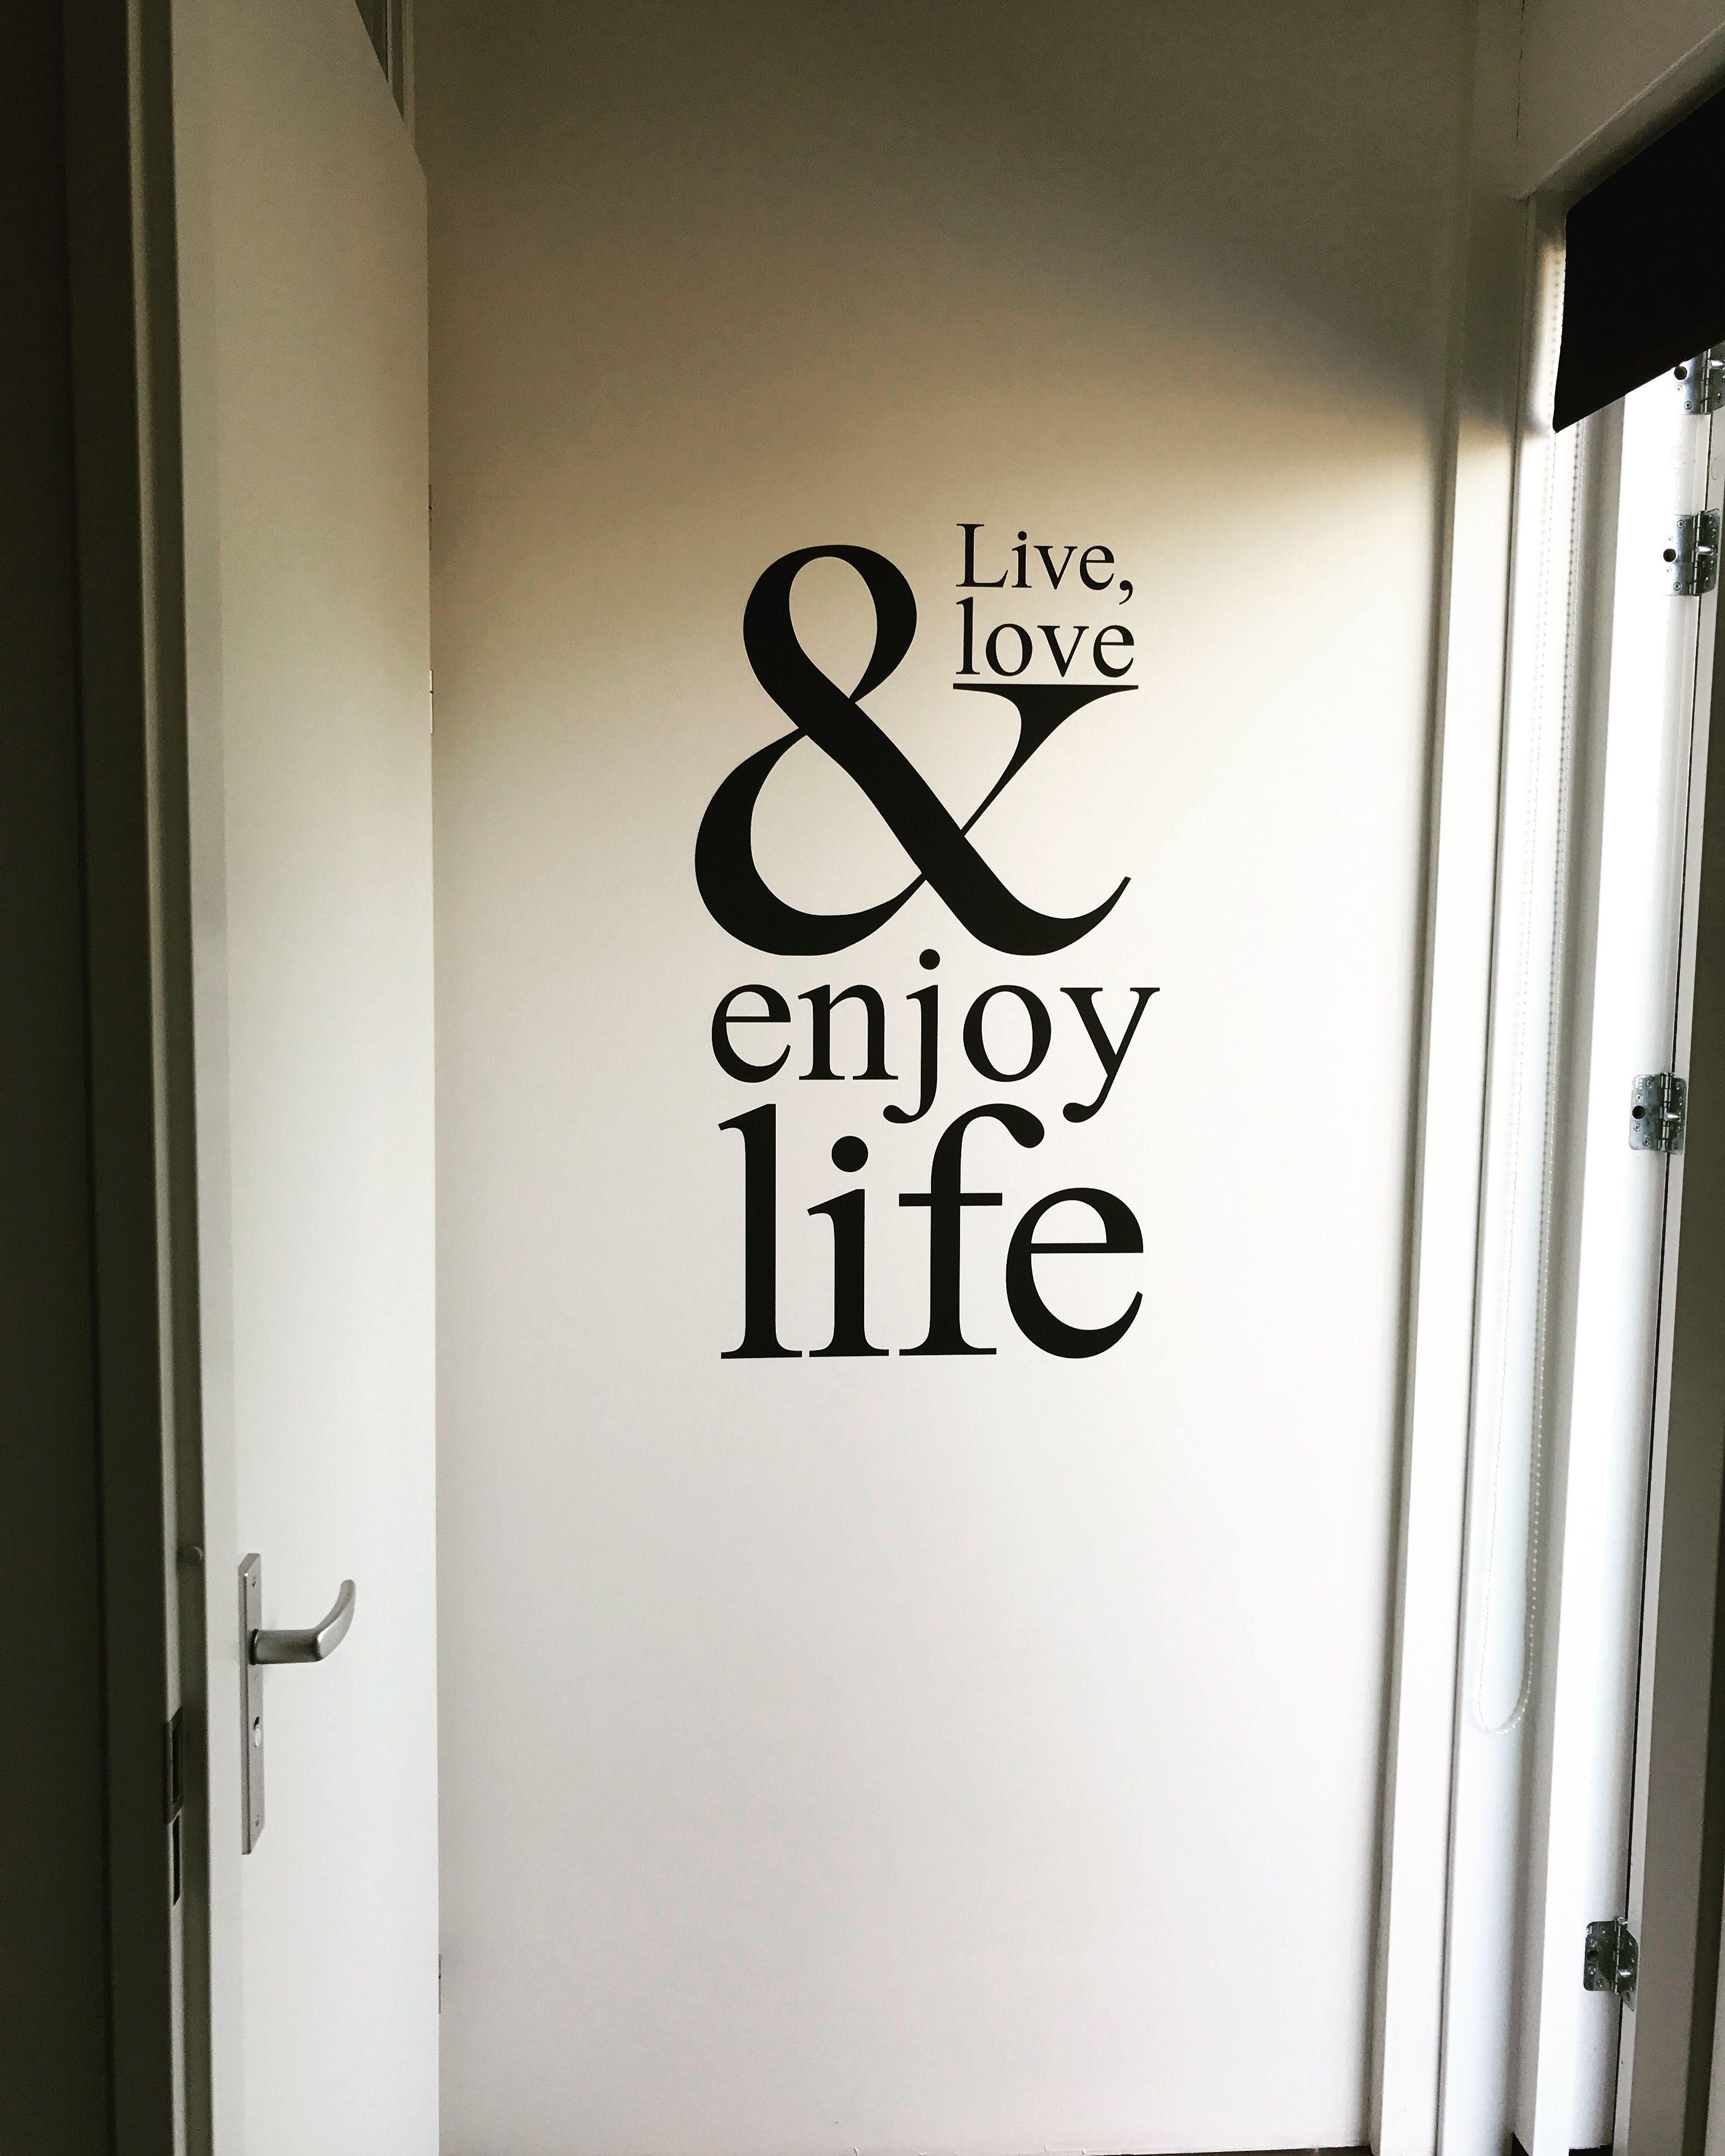 Muurstickers Slaapkamer Love.Muursticker Live Love Enjoy Life Leuk Voor Bv Een Woonkamer